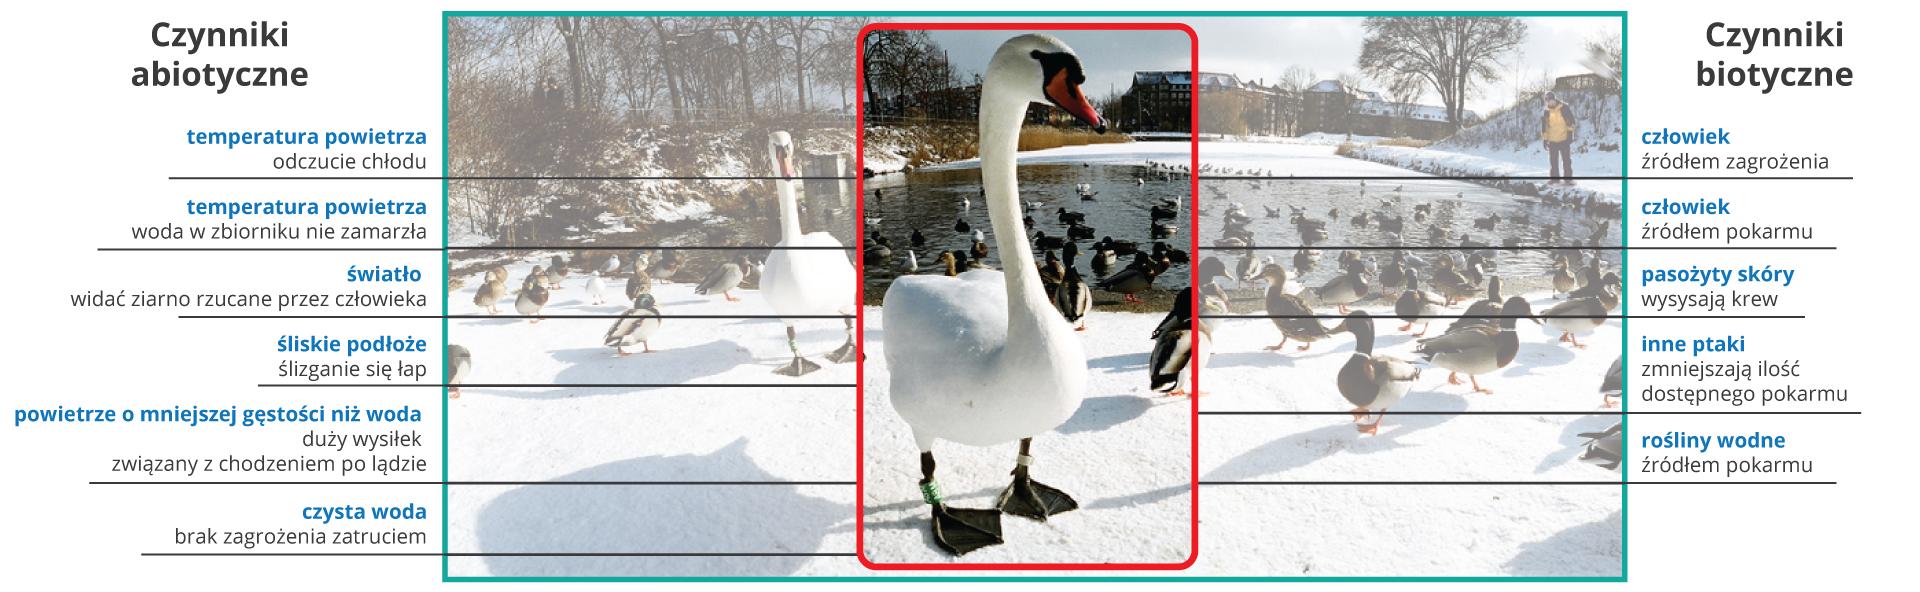 Ilustracja przedstawia brzeg stawu zimą. Na ośnieżonym brzegu zjaduje się stado kaczek iłabędź, wdali widać ludzi. Po prawej stronie wymienione są czynniki abiotyczne, takie jak temperatura powietrza, czy śliskość podłoza, po lewej stronie czynniki biotyczne, takie jak obecność roslin, zagrożenie ze strony człowieka.